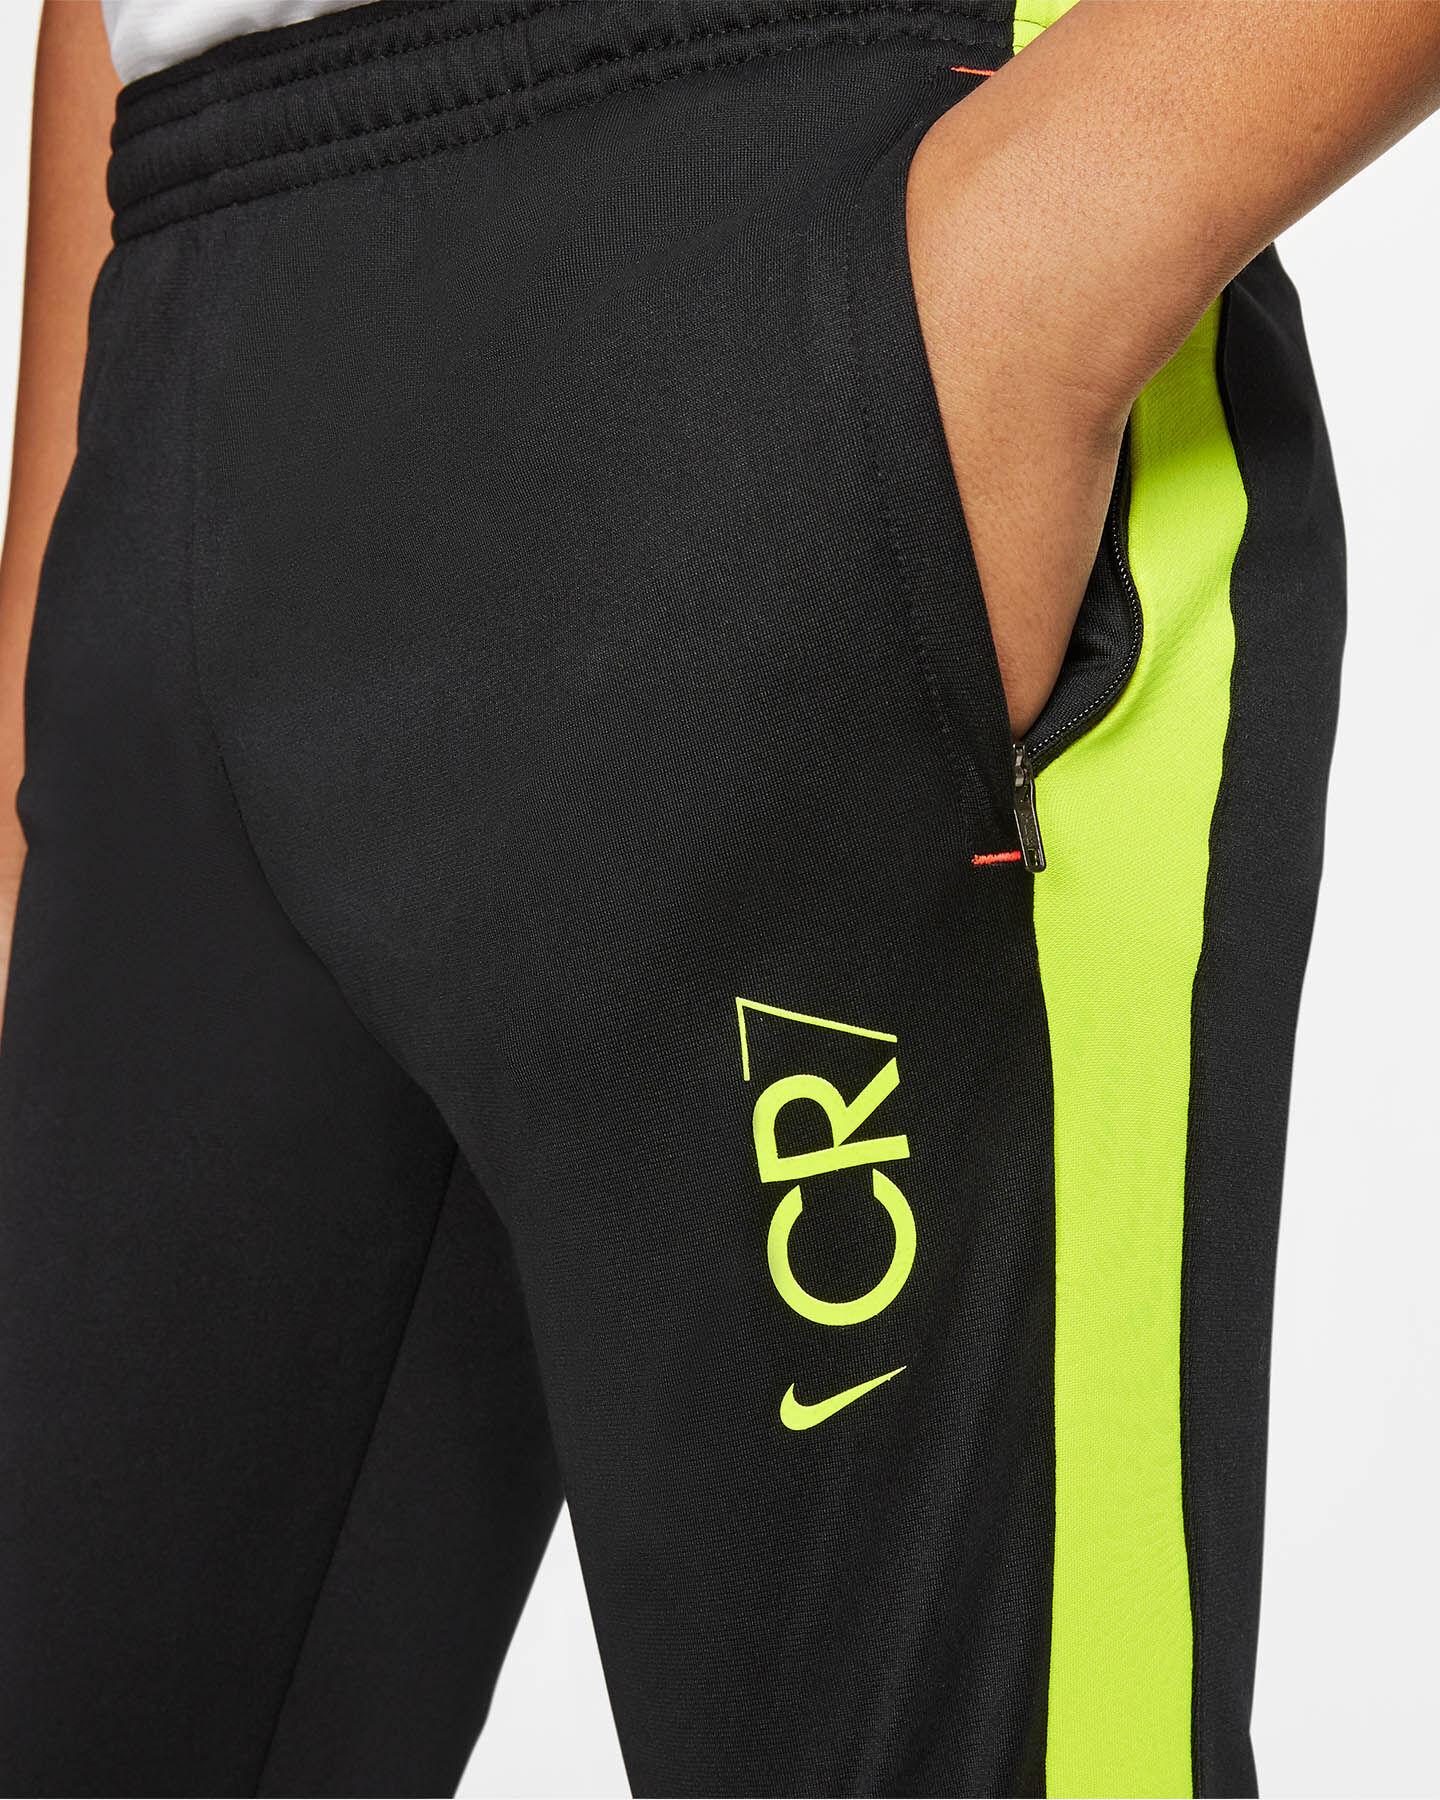 Pantaloncini calcio NIKE DRI-FIT CR7 JR S5163722 scatto 4